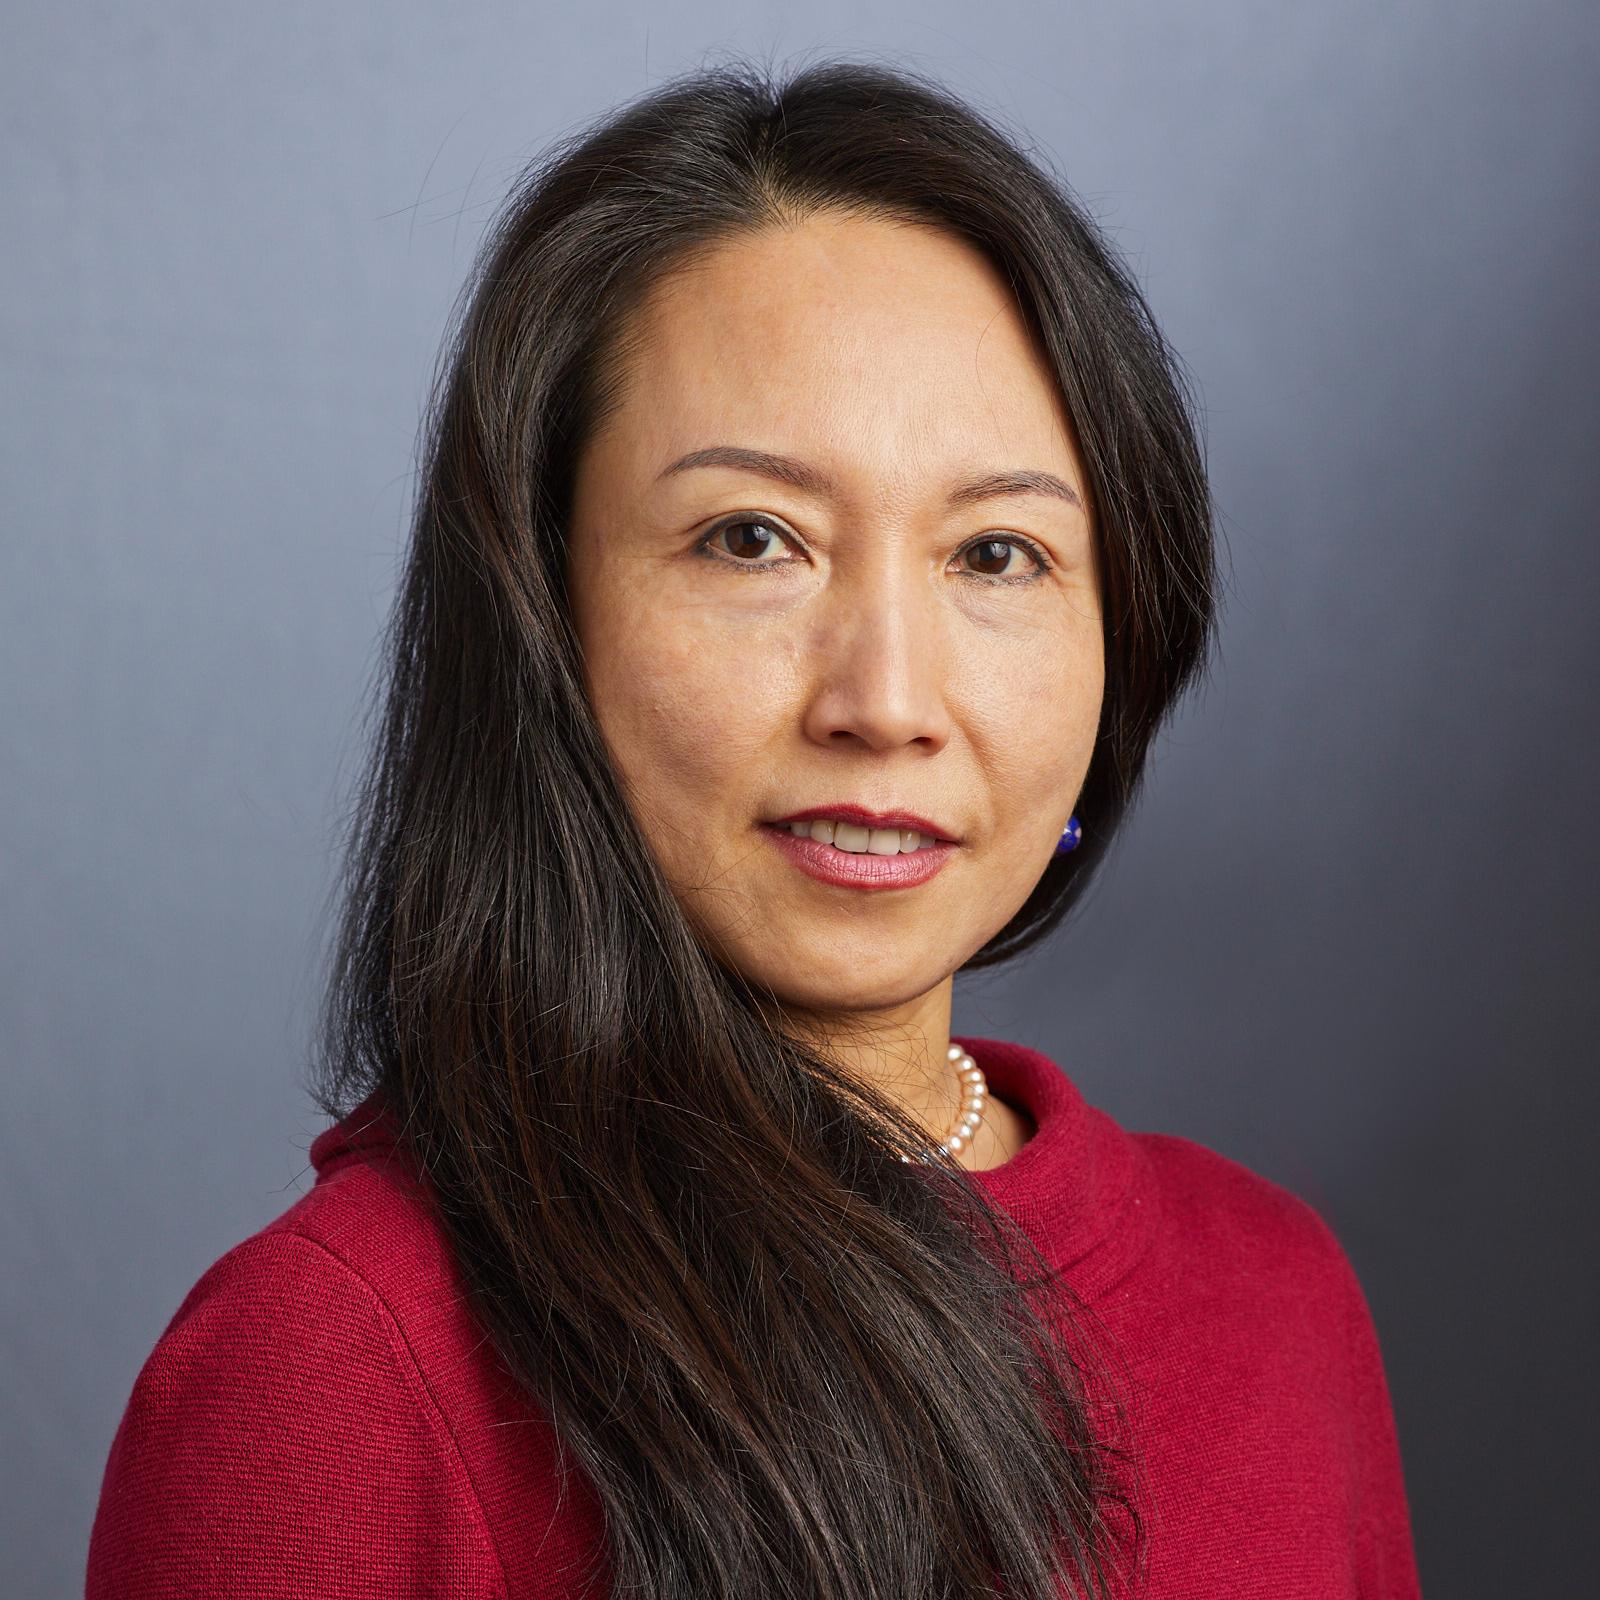 Yingqun Huang